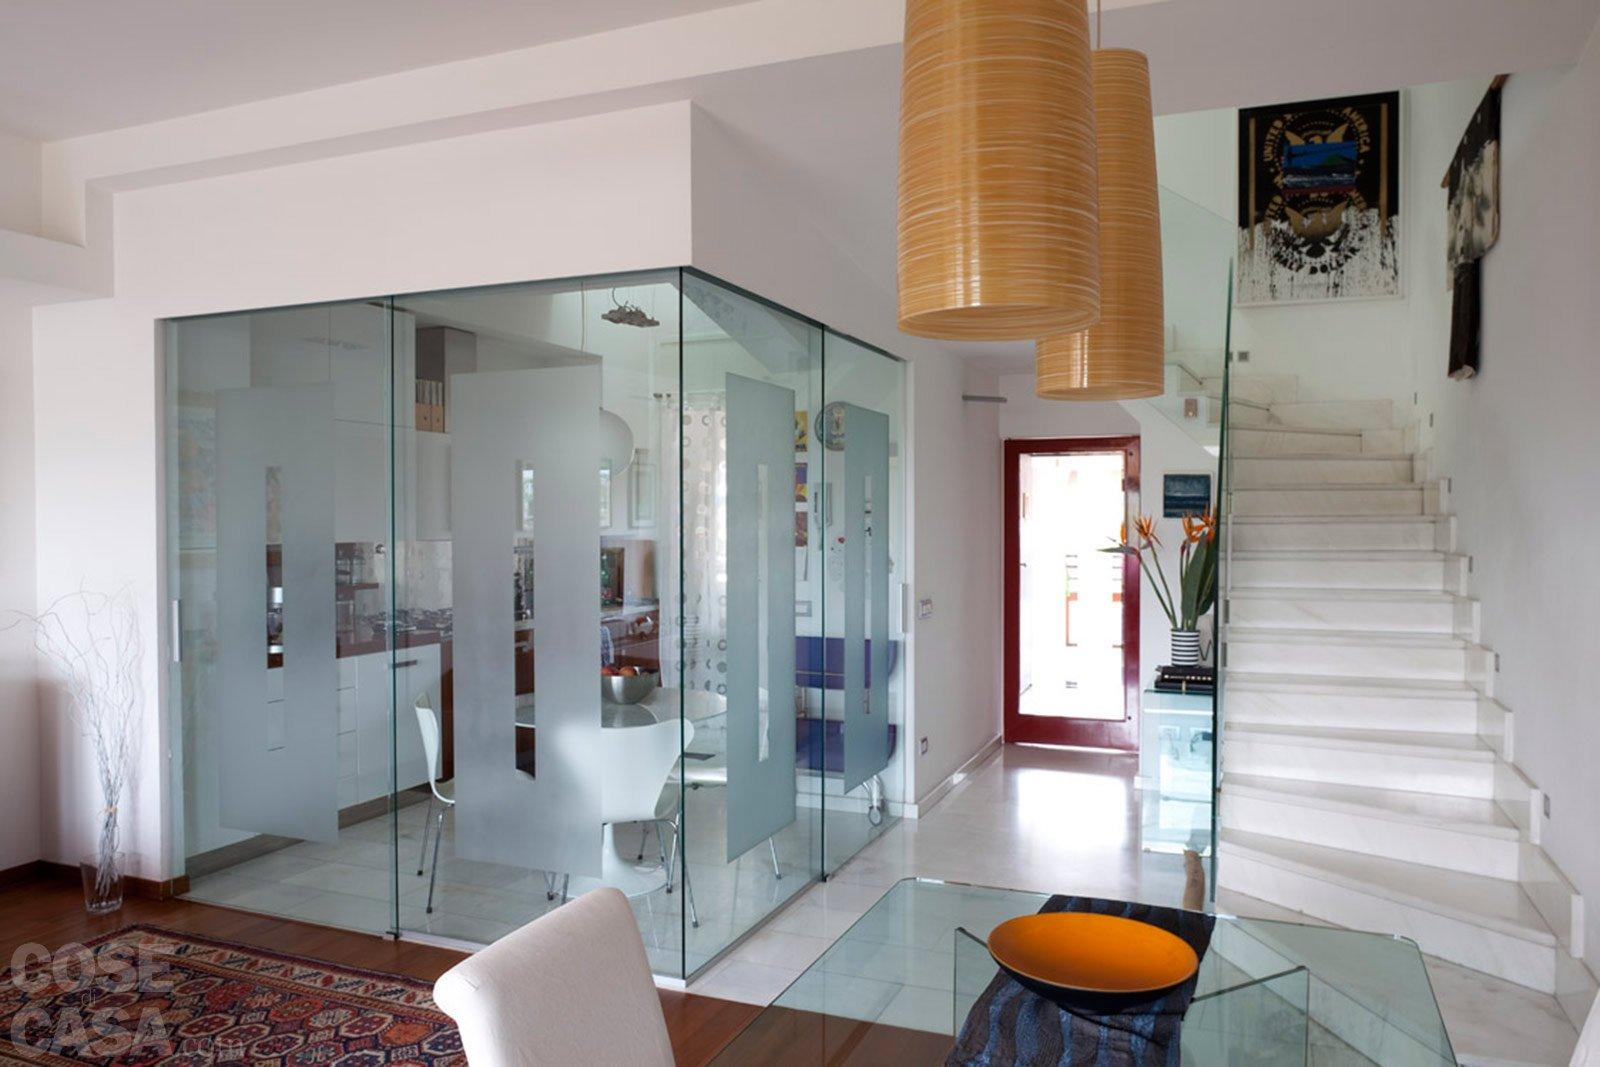 Una casa rinnovata nel look con luce moltiplicata cose di casa - Cucine con vetrate ...